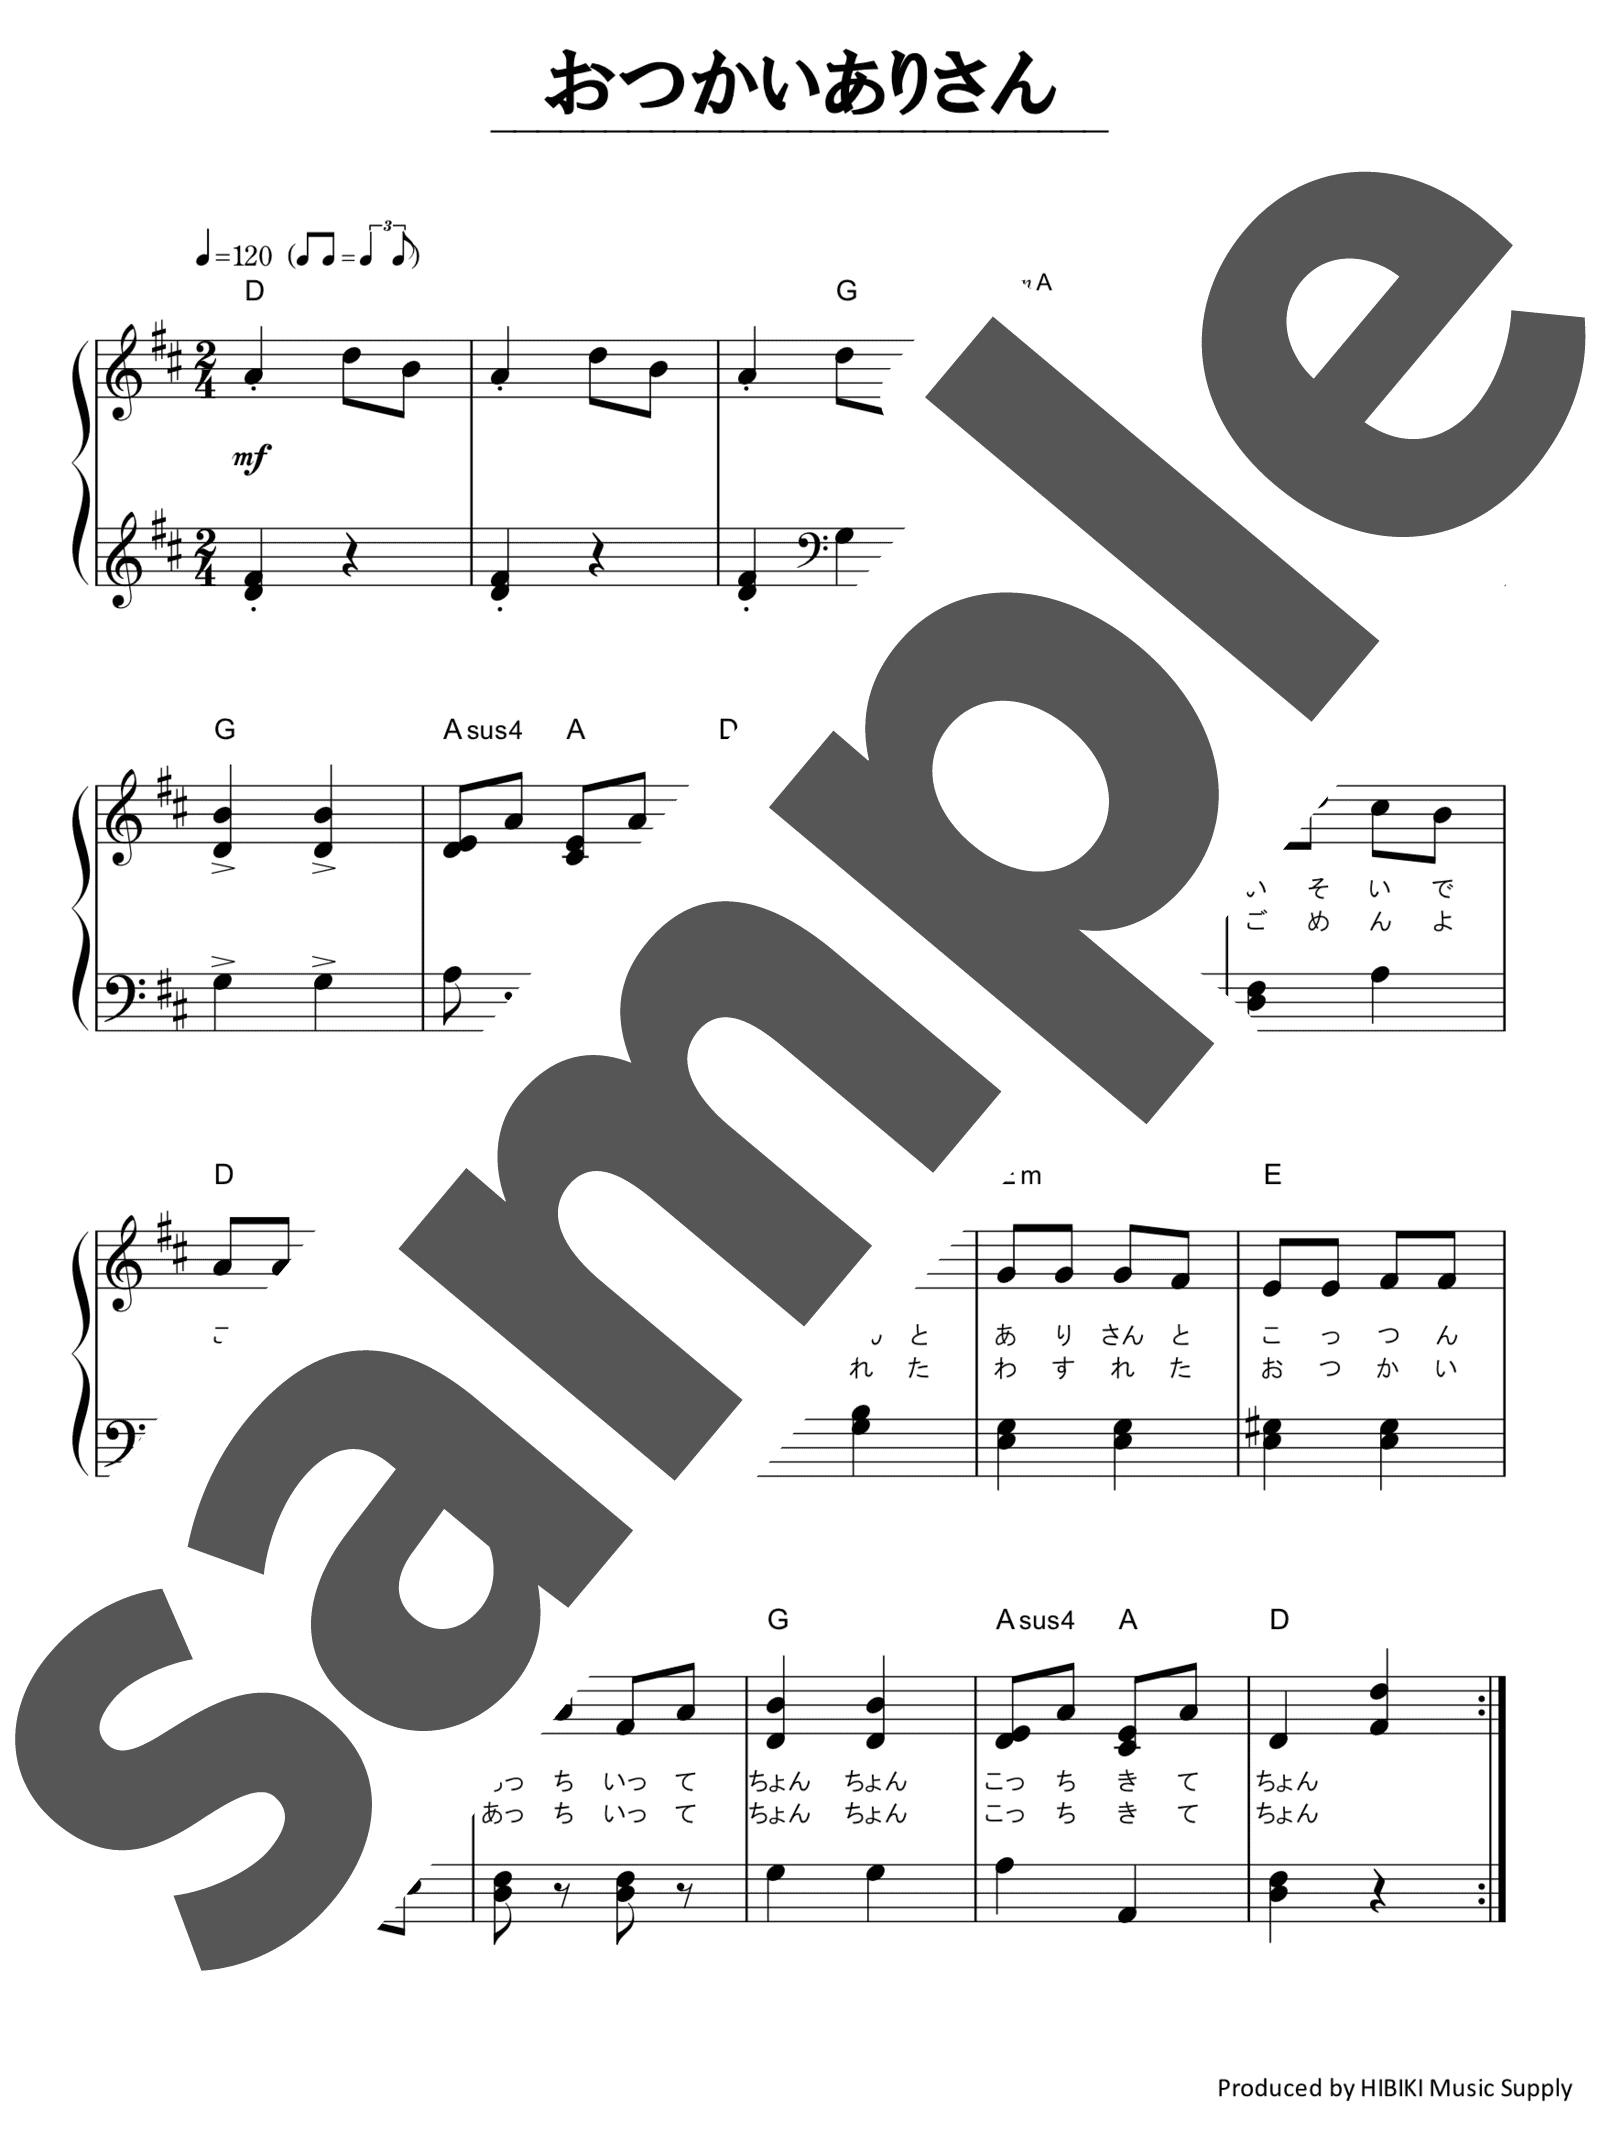 「おつかいありさん」のサンプル楽譜